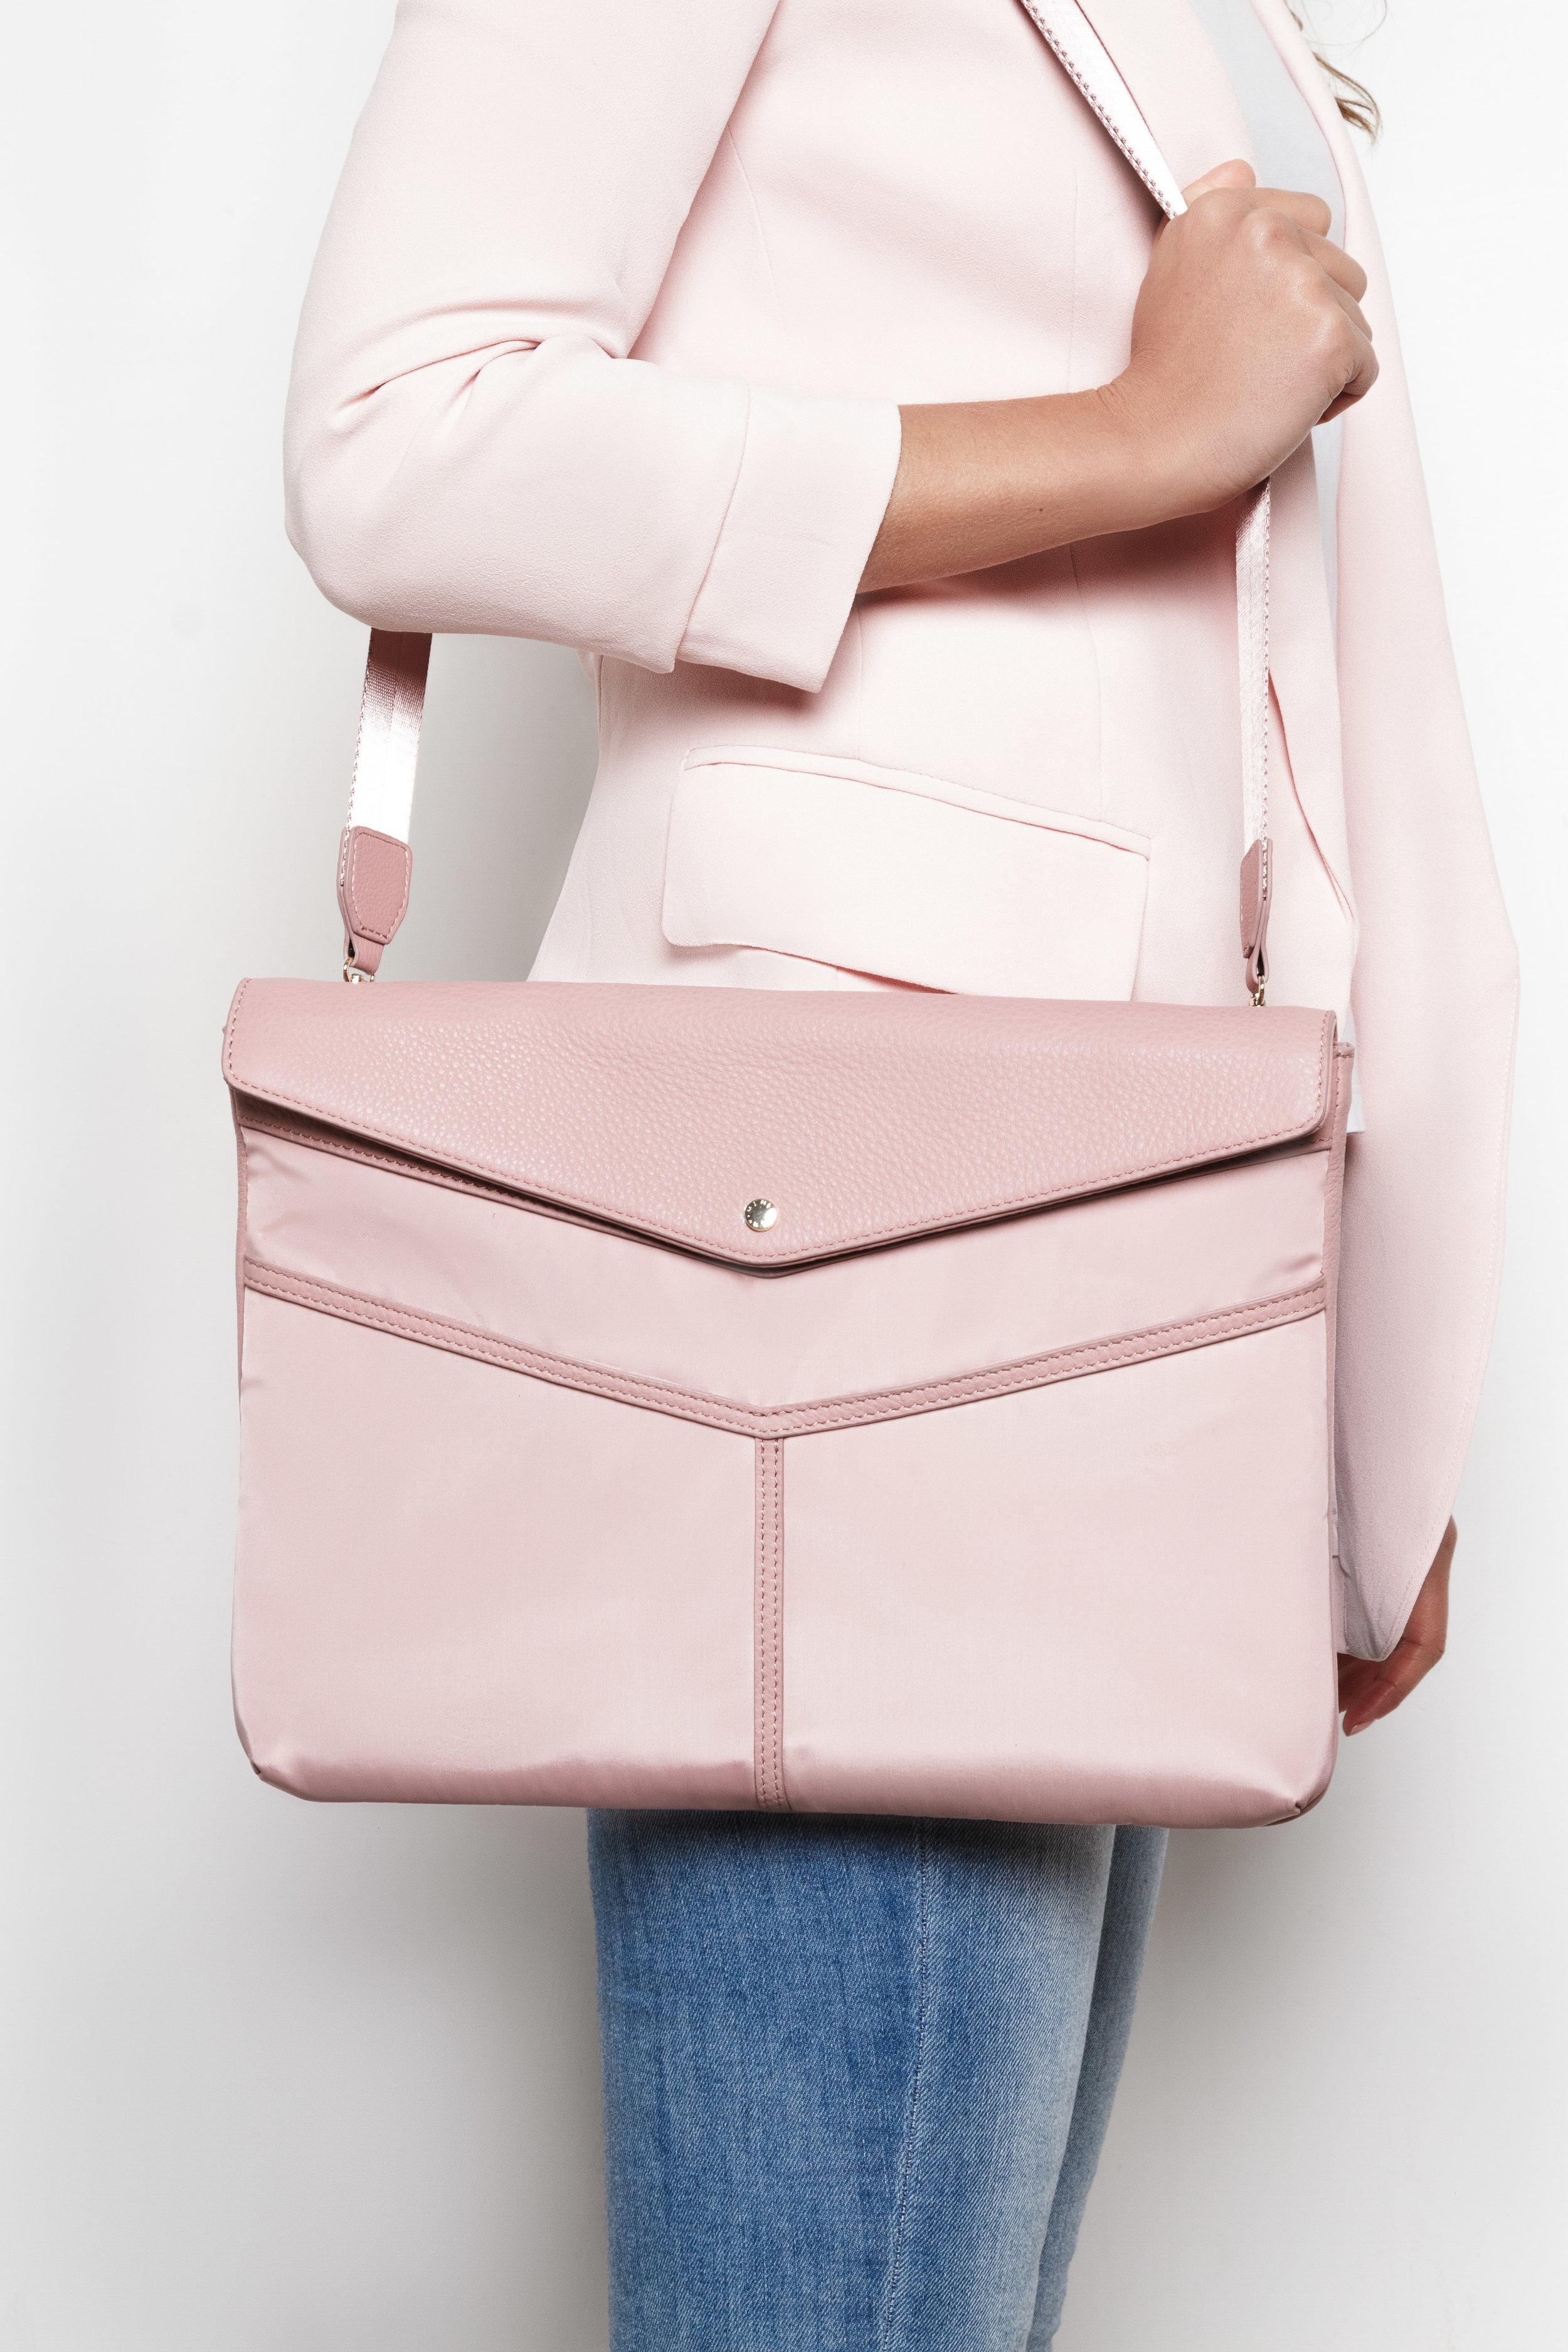 Pink BRERA Work Tote 4.jpg